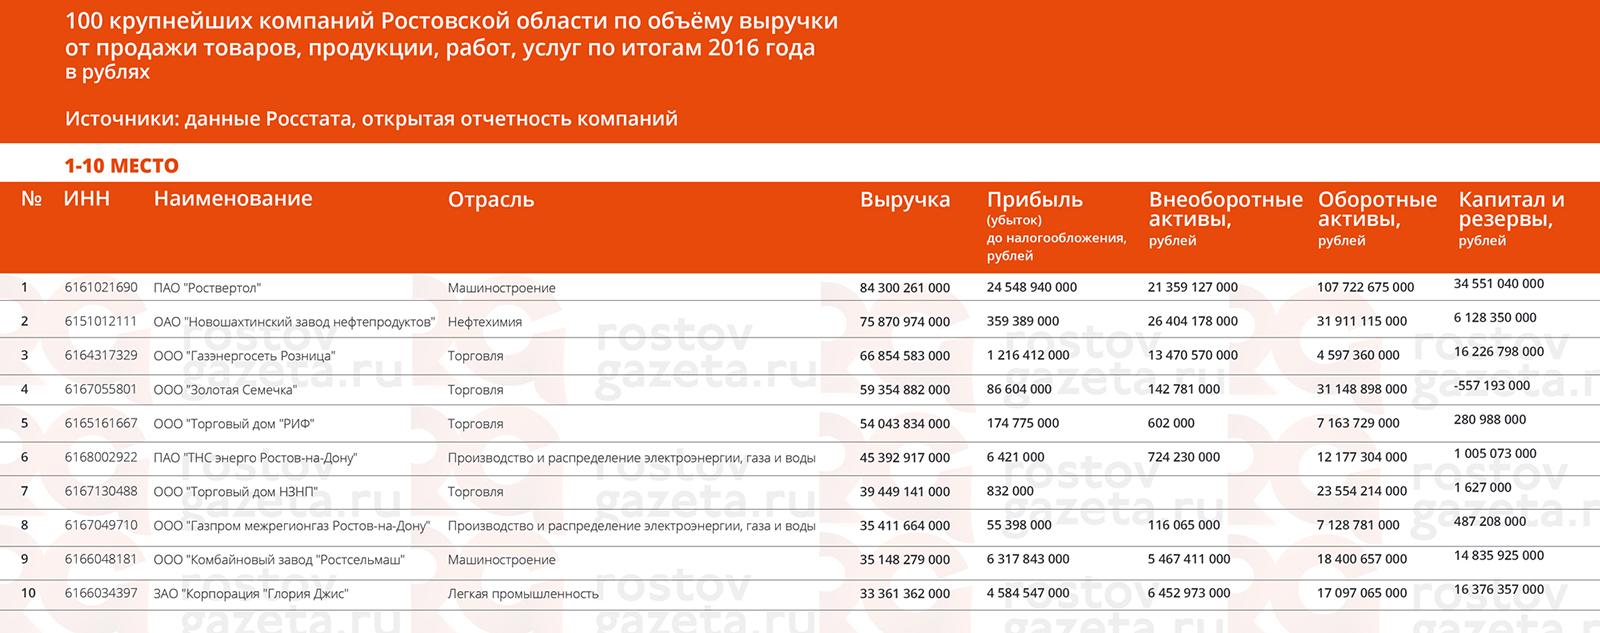 компании ростовской области список с контактами